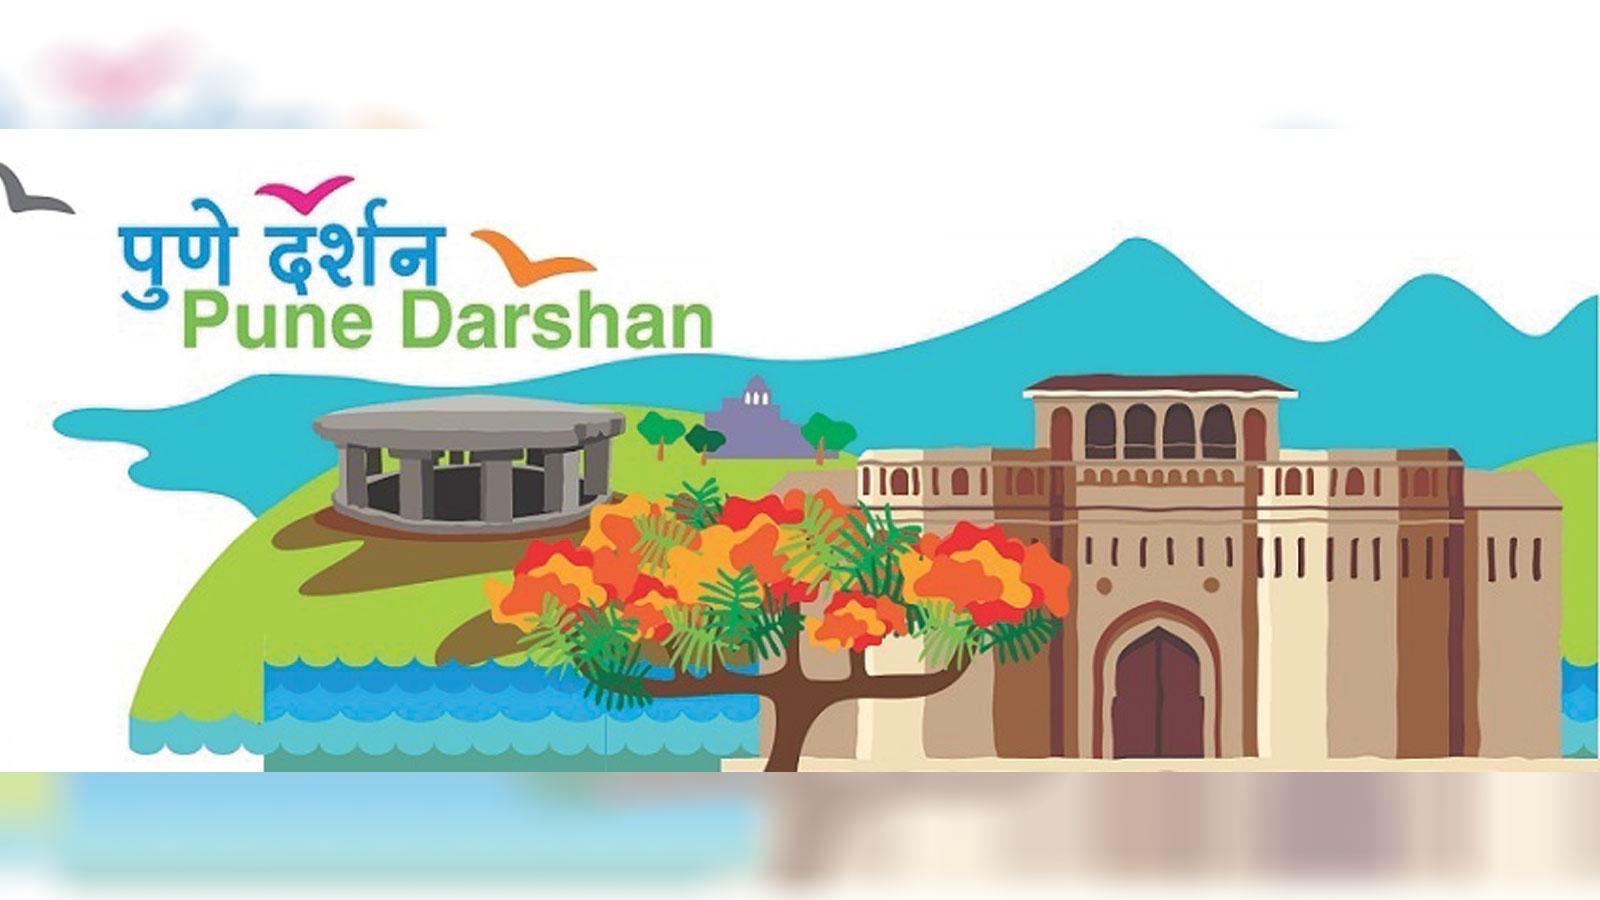 Pune Darshan.